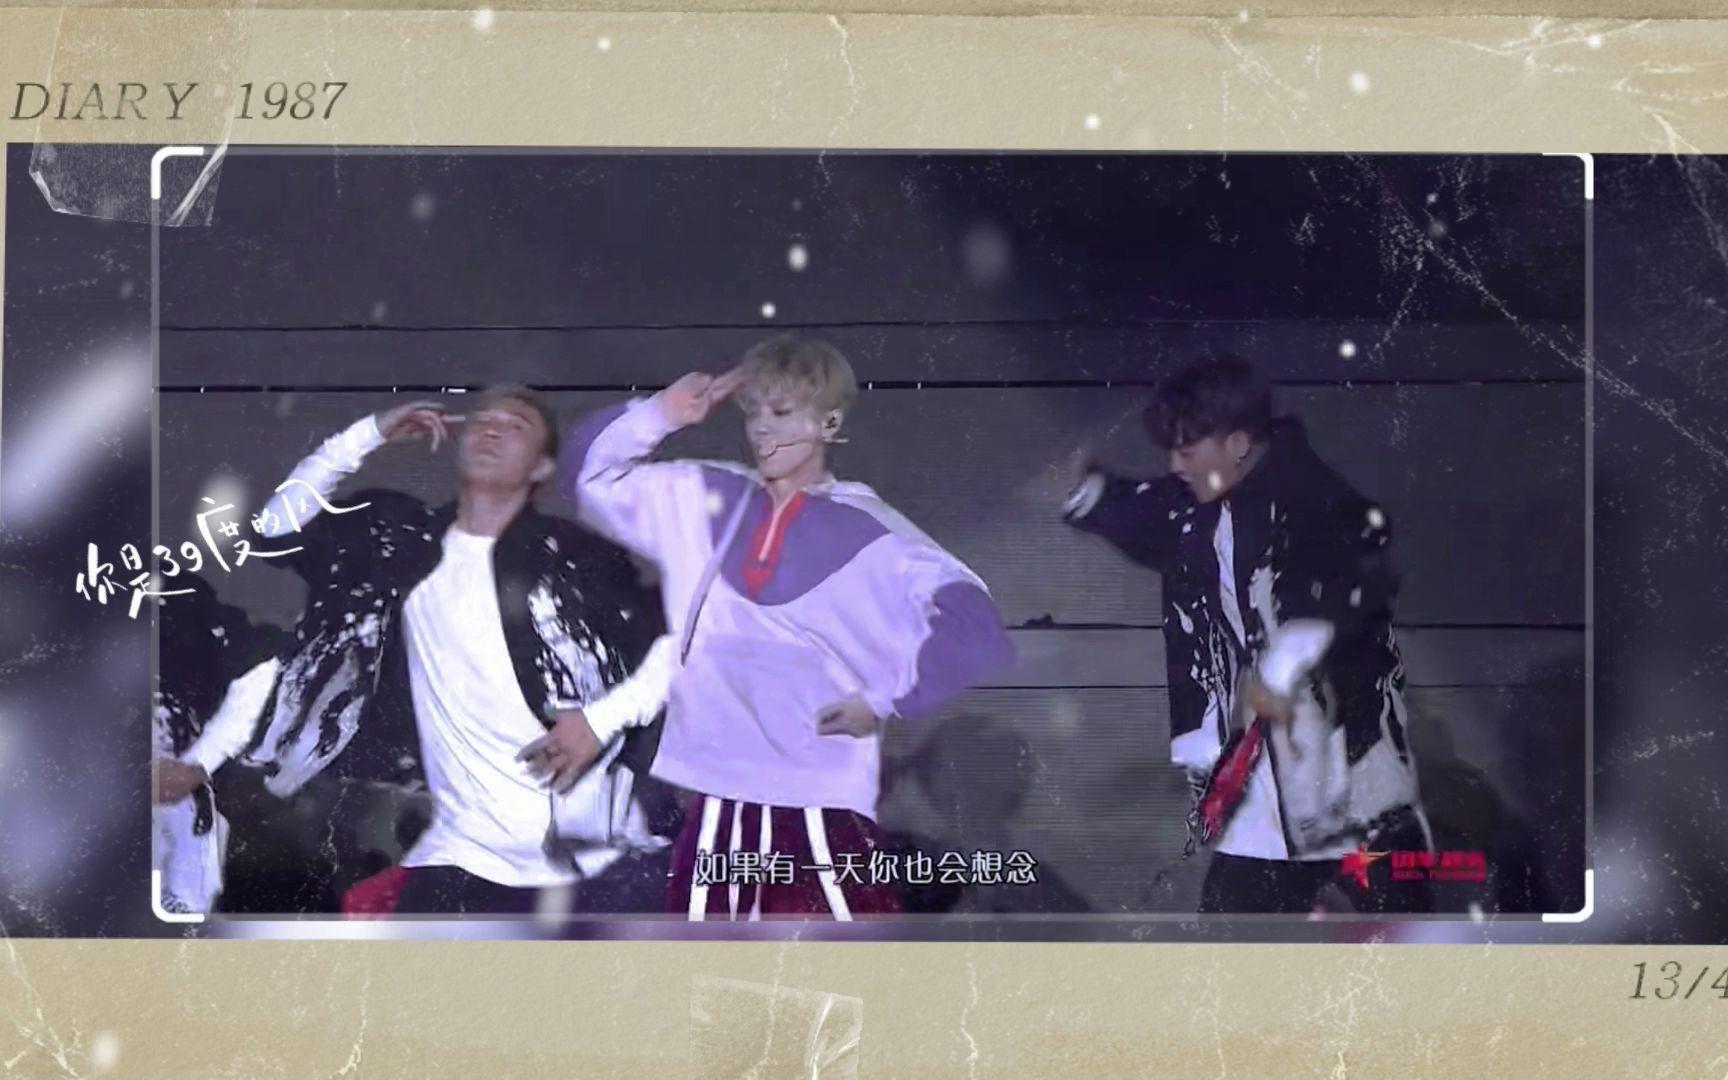 鹿晗巡回演唱会深圳站《冒险时间》09